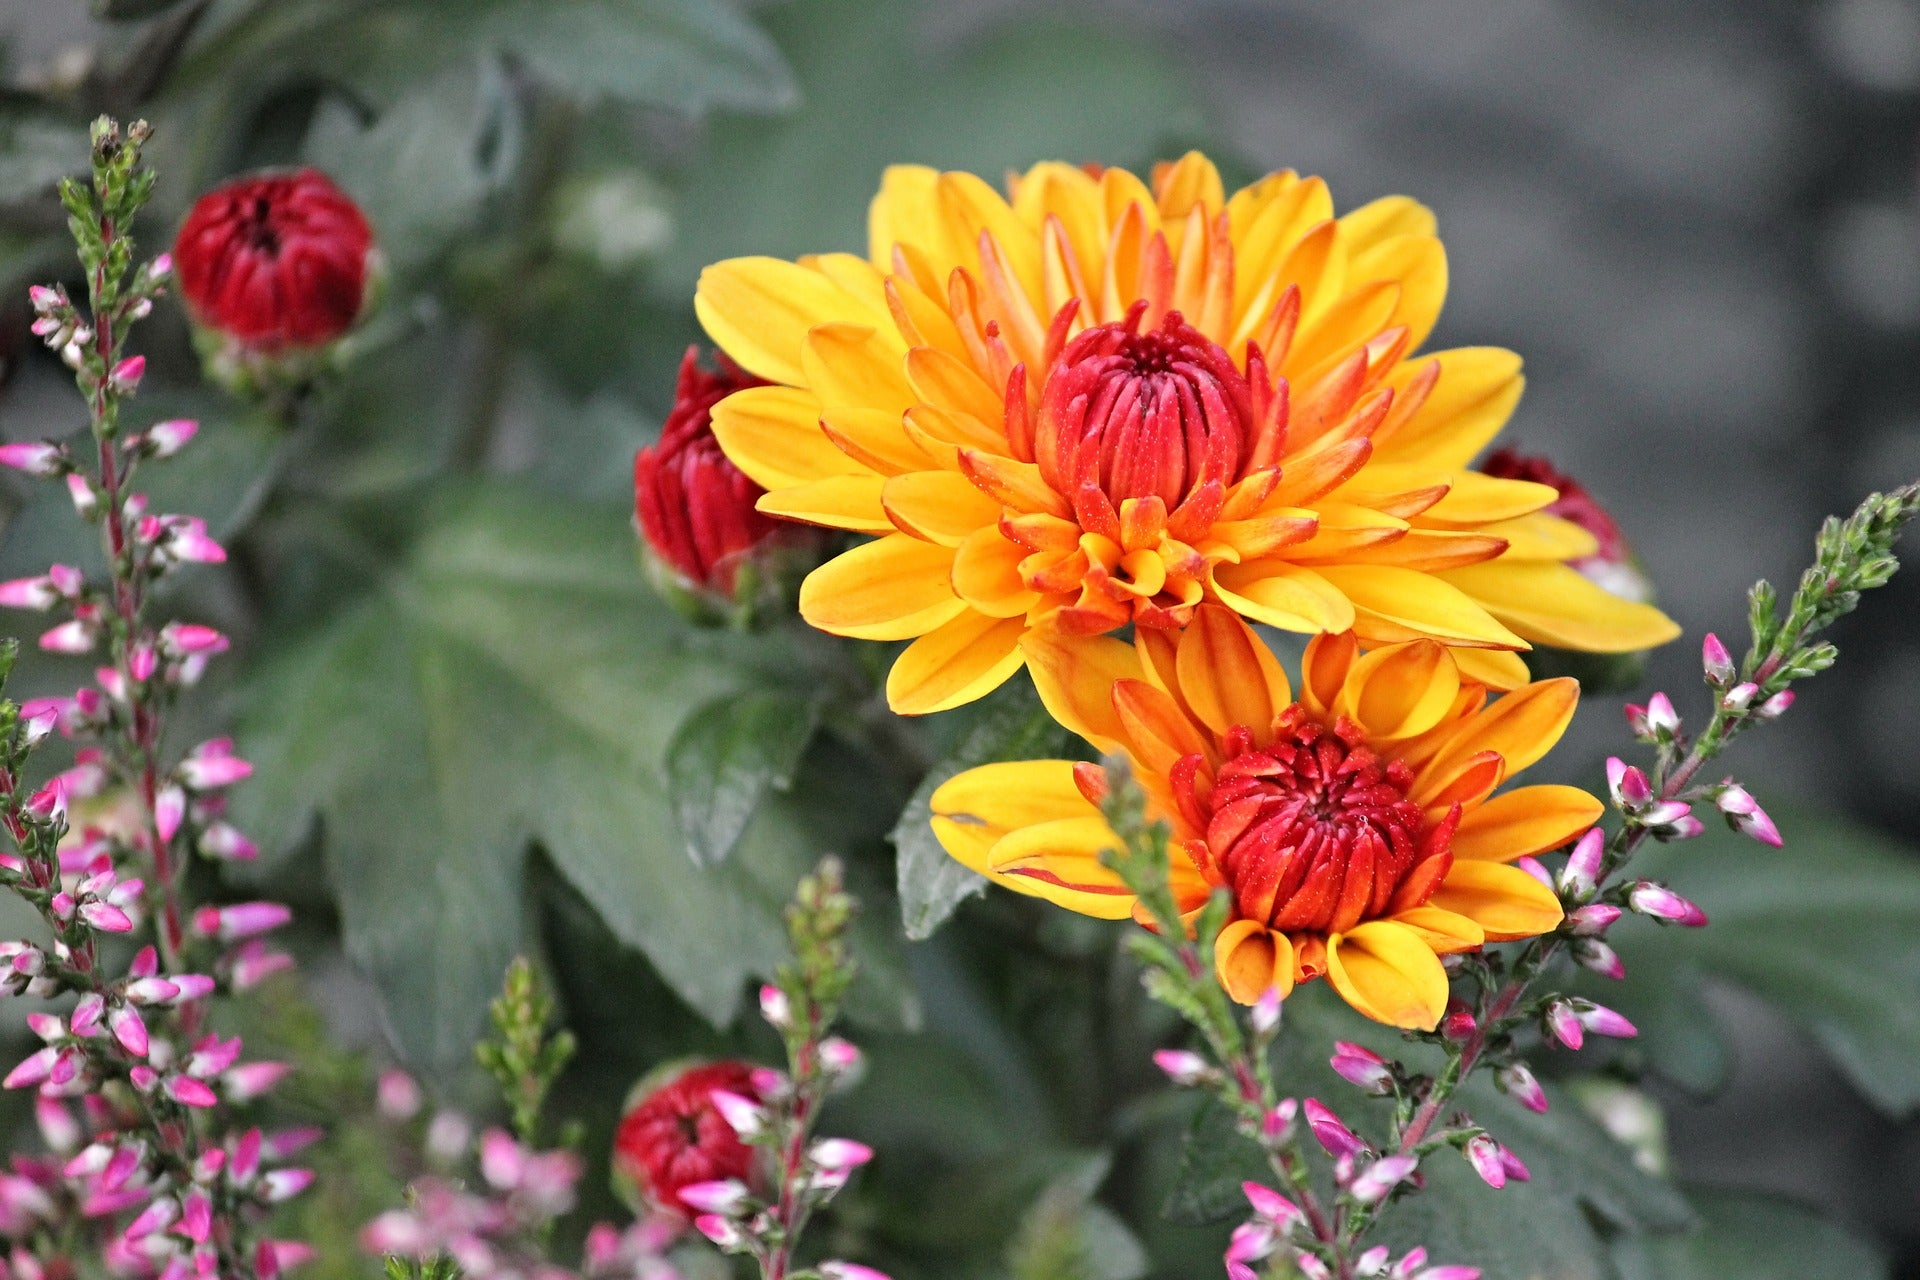 Los crisantemos son un gran repelente natural contra las pulgas